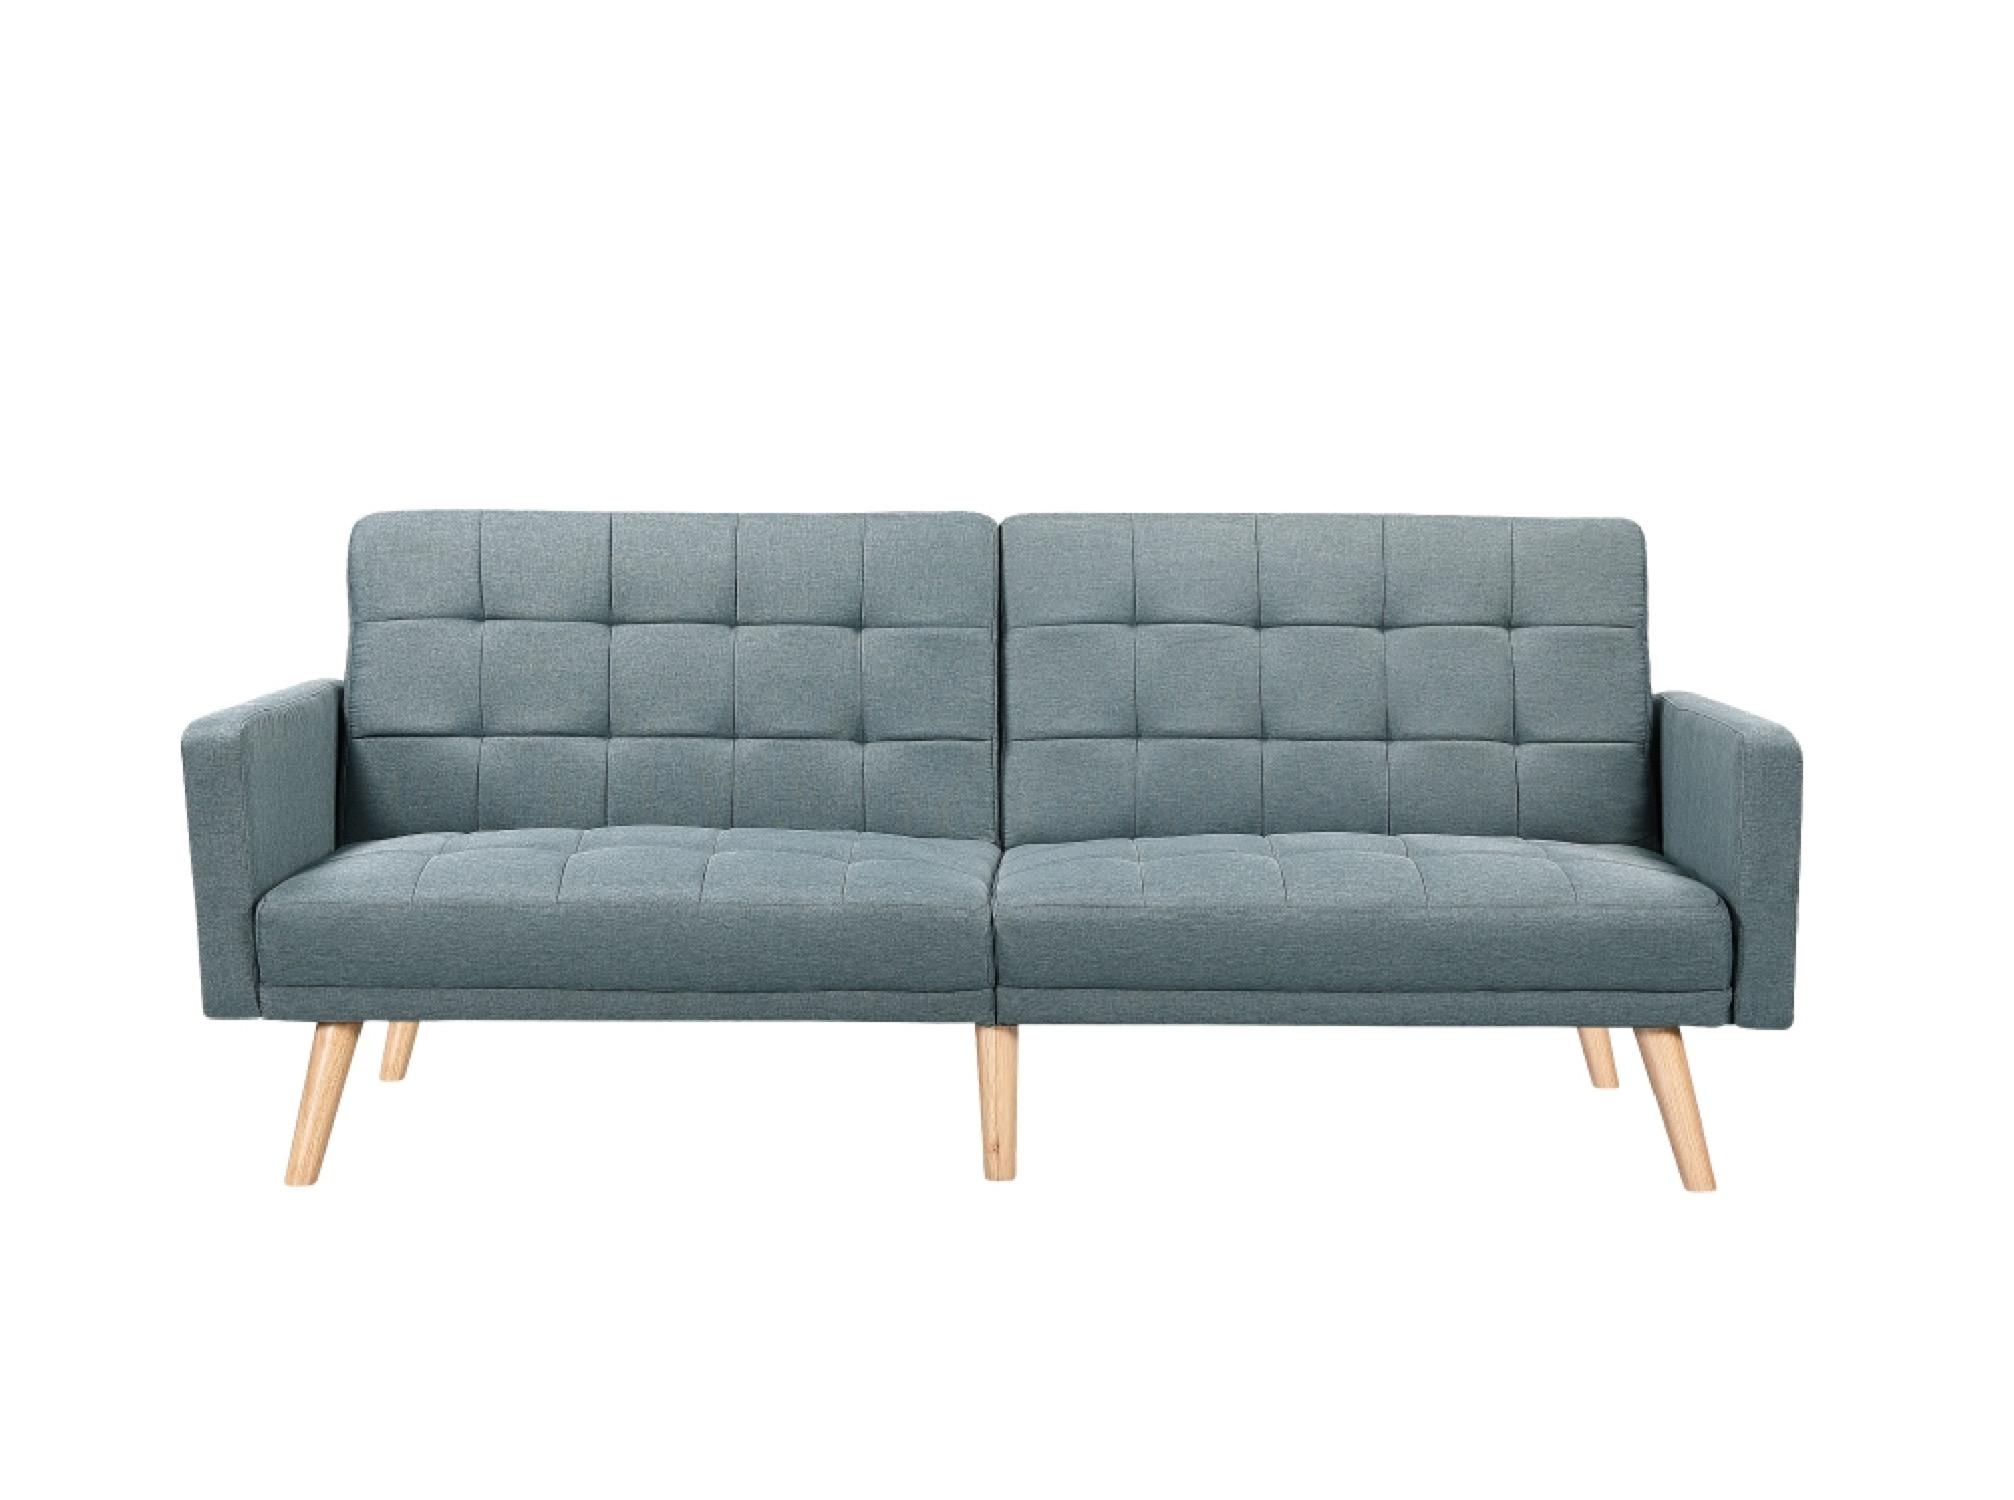 Canapé droit scandinave 3 places convertible en tissu bleu/gris